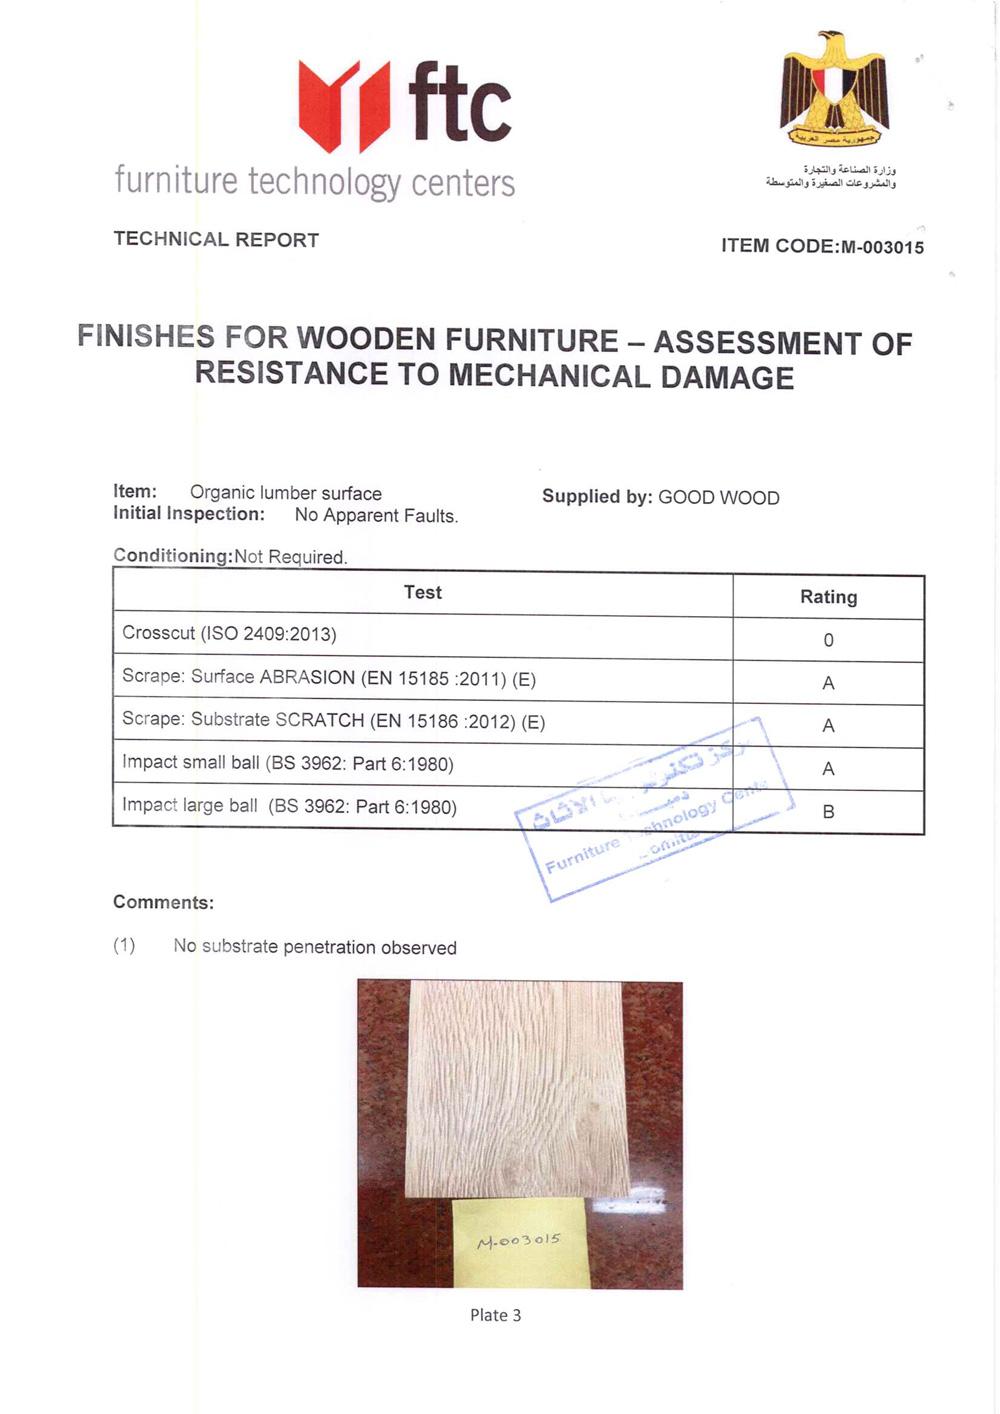 Organic Lumber